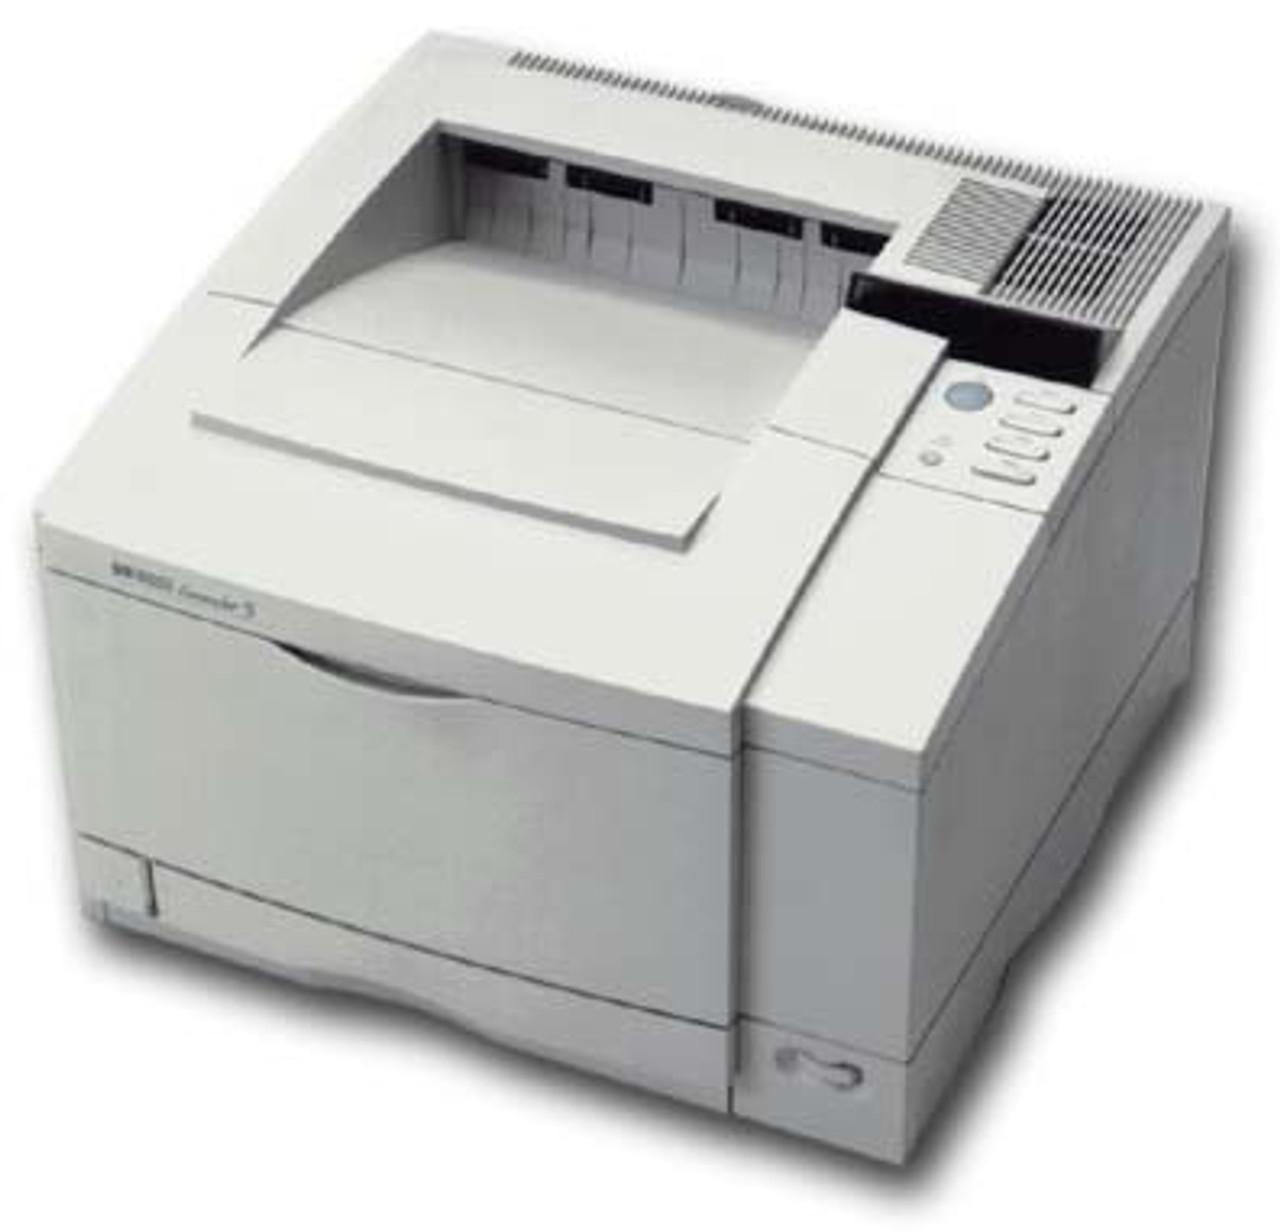 HP LaserJet 5m Laser Printer